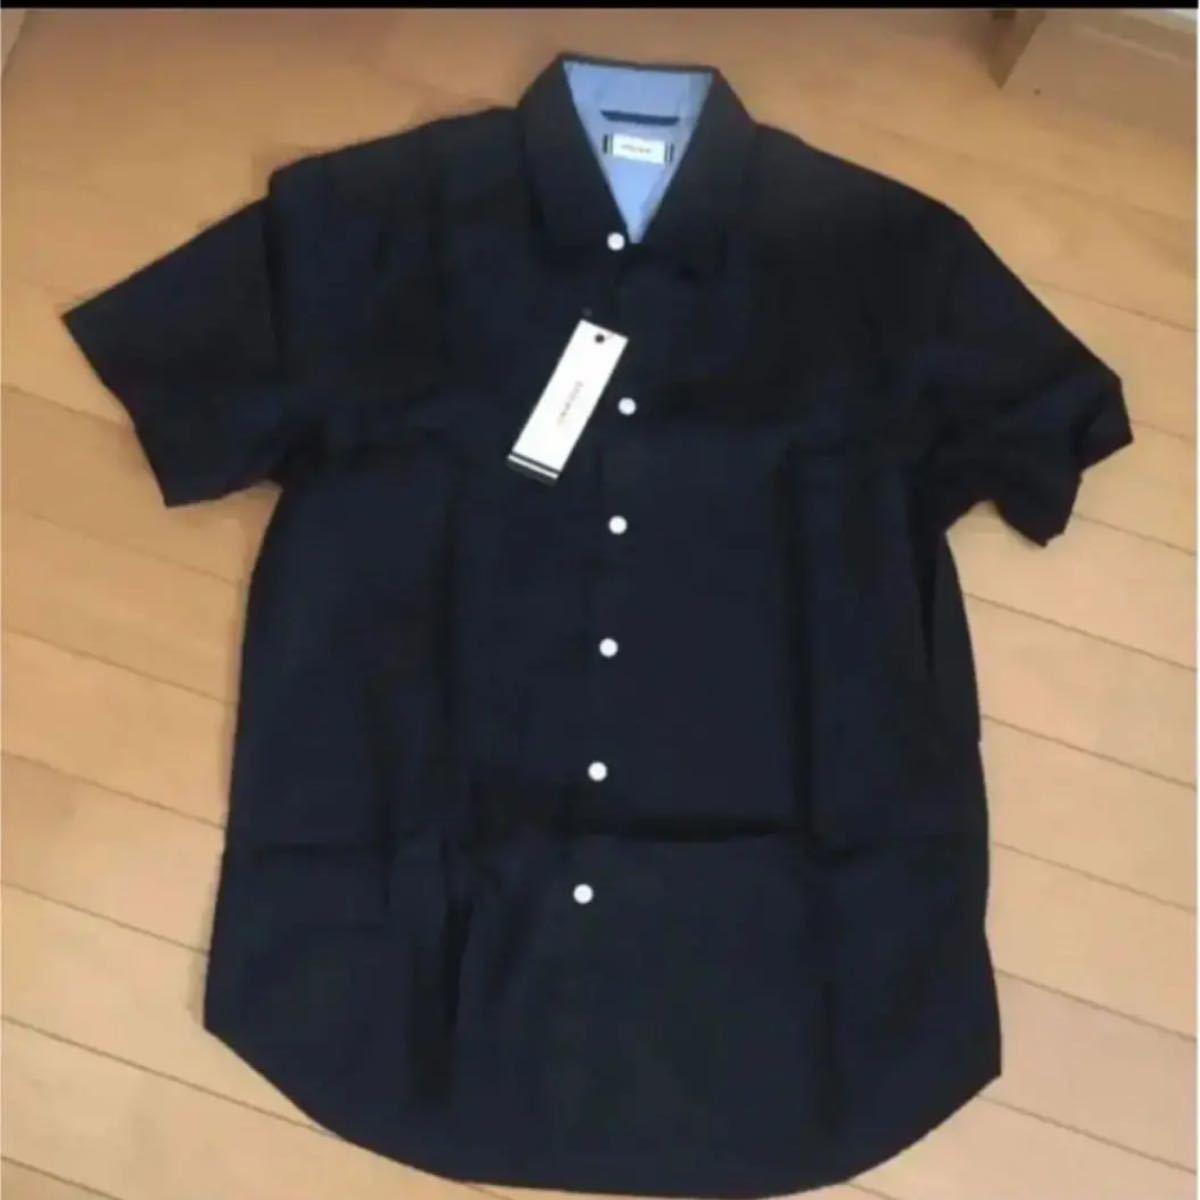 半袖シャツ 半袖 メンズ 新品 未使用 M シャツ 黒 ギフト ラッピング タグ